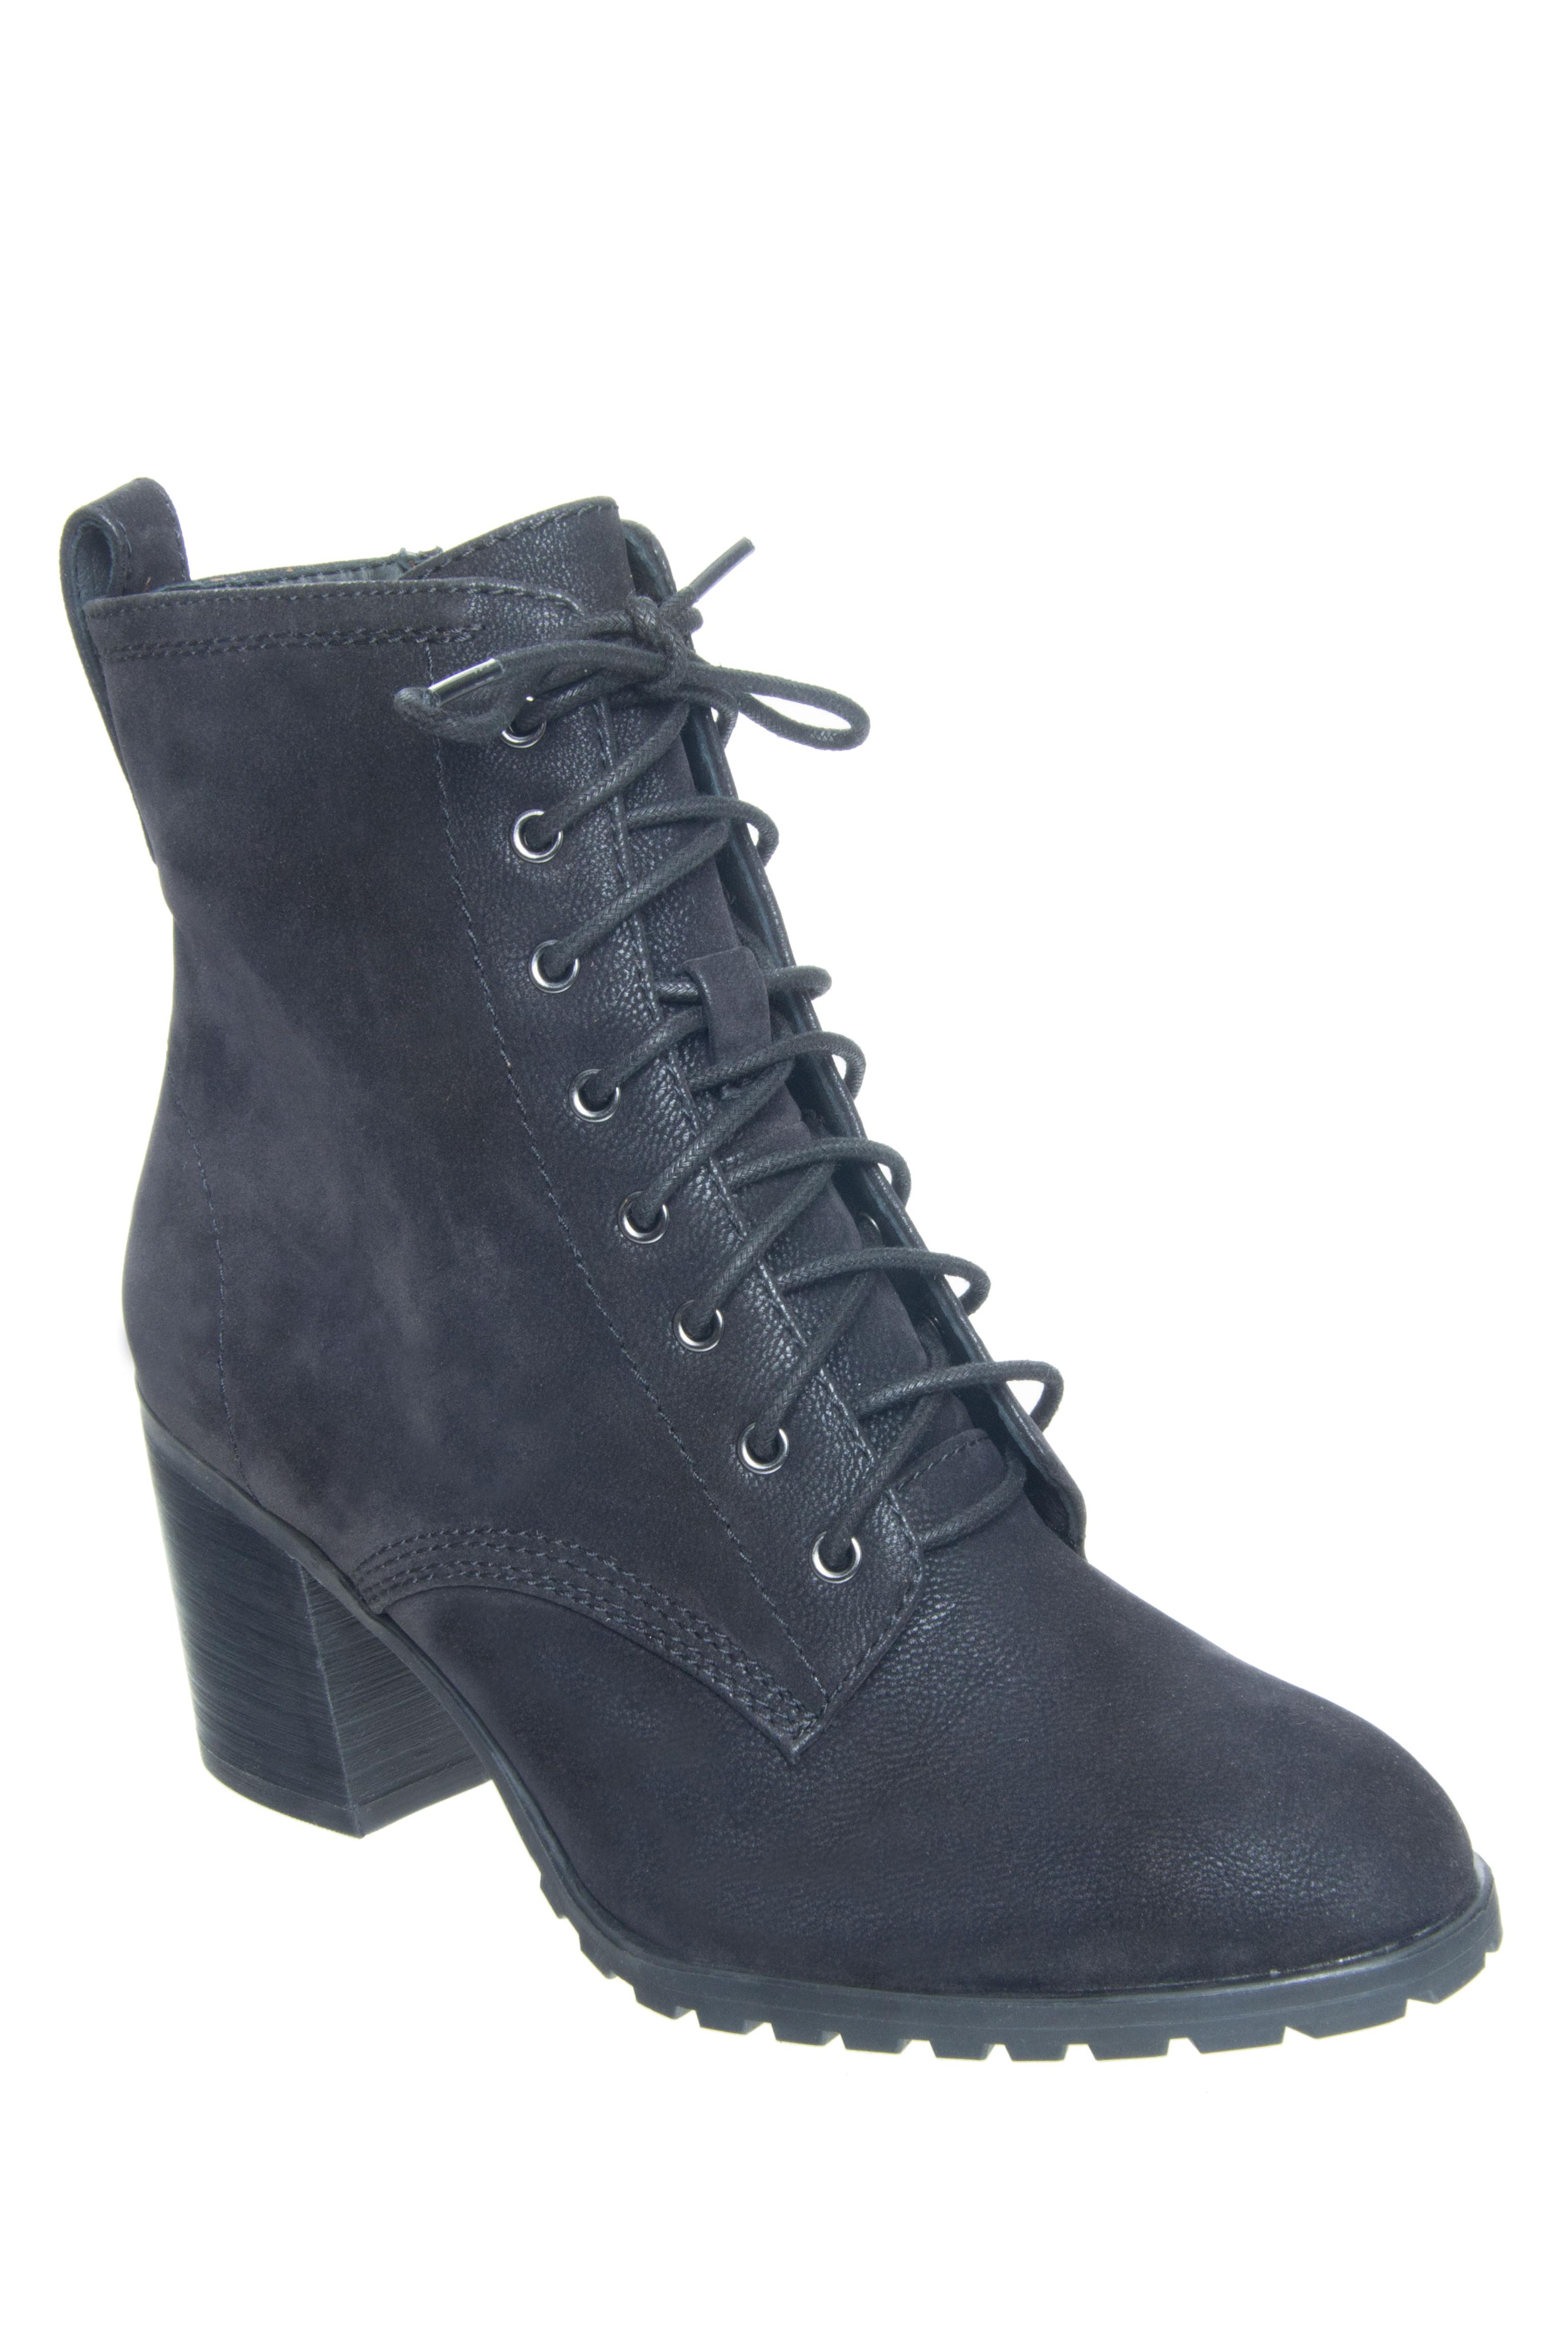 Chelsea Crew Tomboy Zip Boots - Black